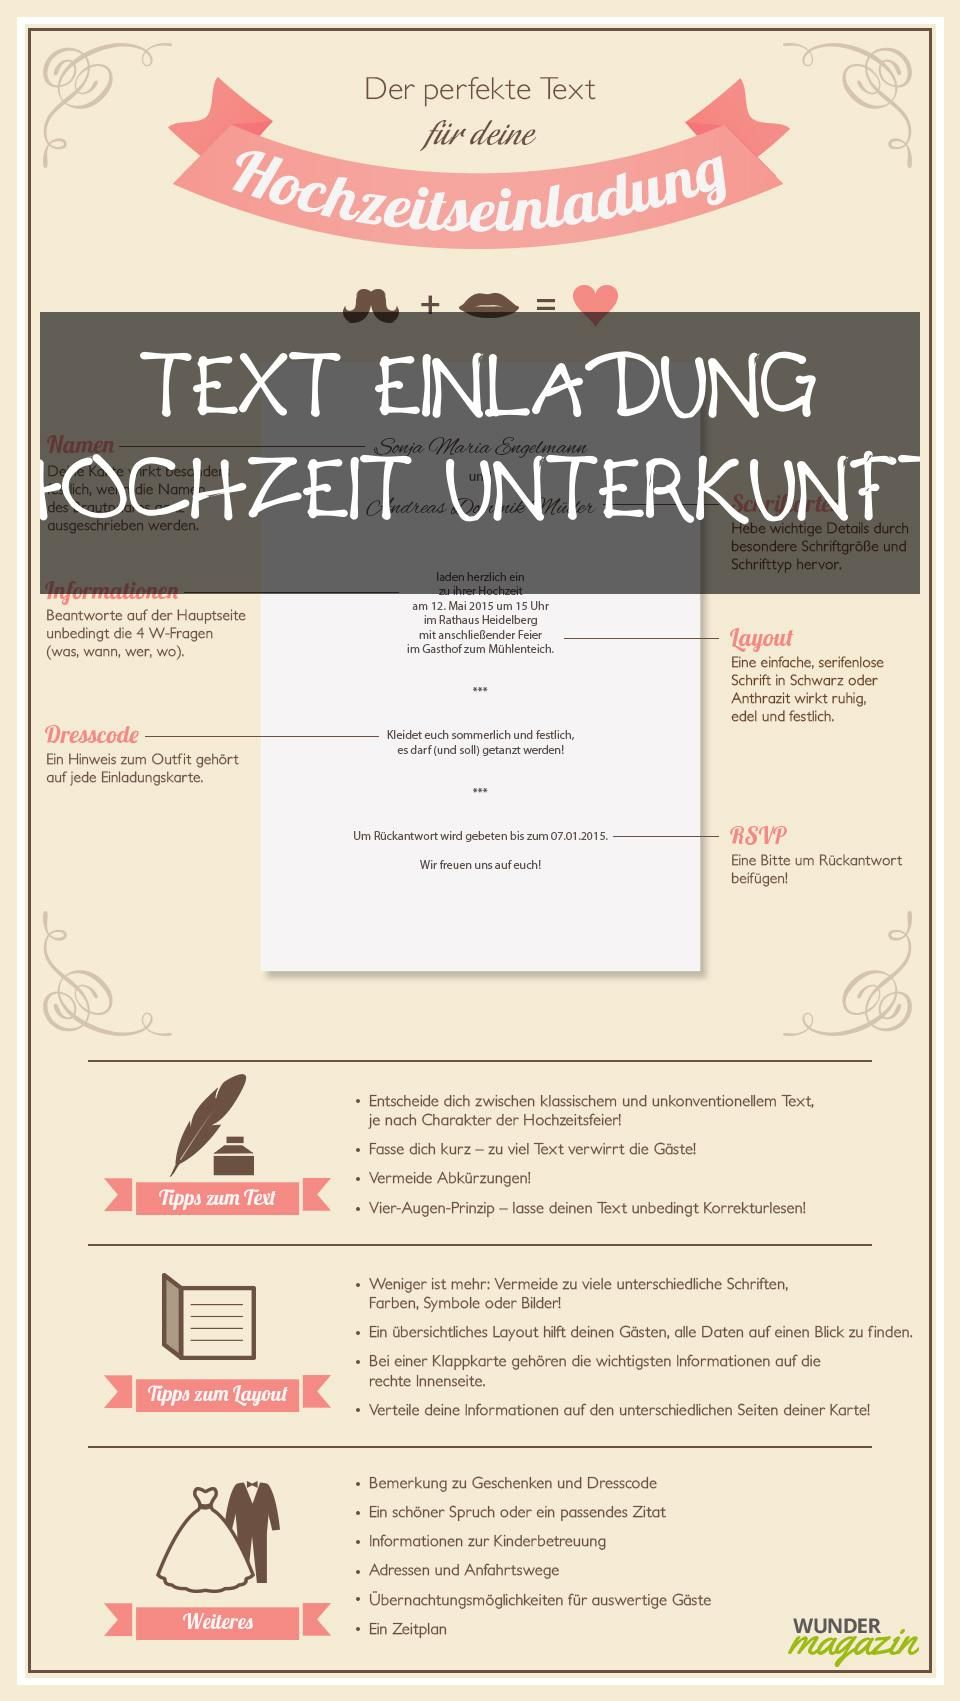 Top 12 Text Einladung Hochzeit Unterkunft In 2020 Text Hochzeit Hochzeitseinladung Text Einladungstext Hochzeit